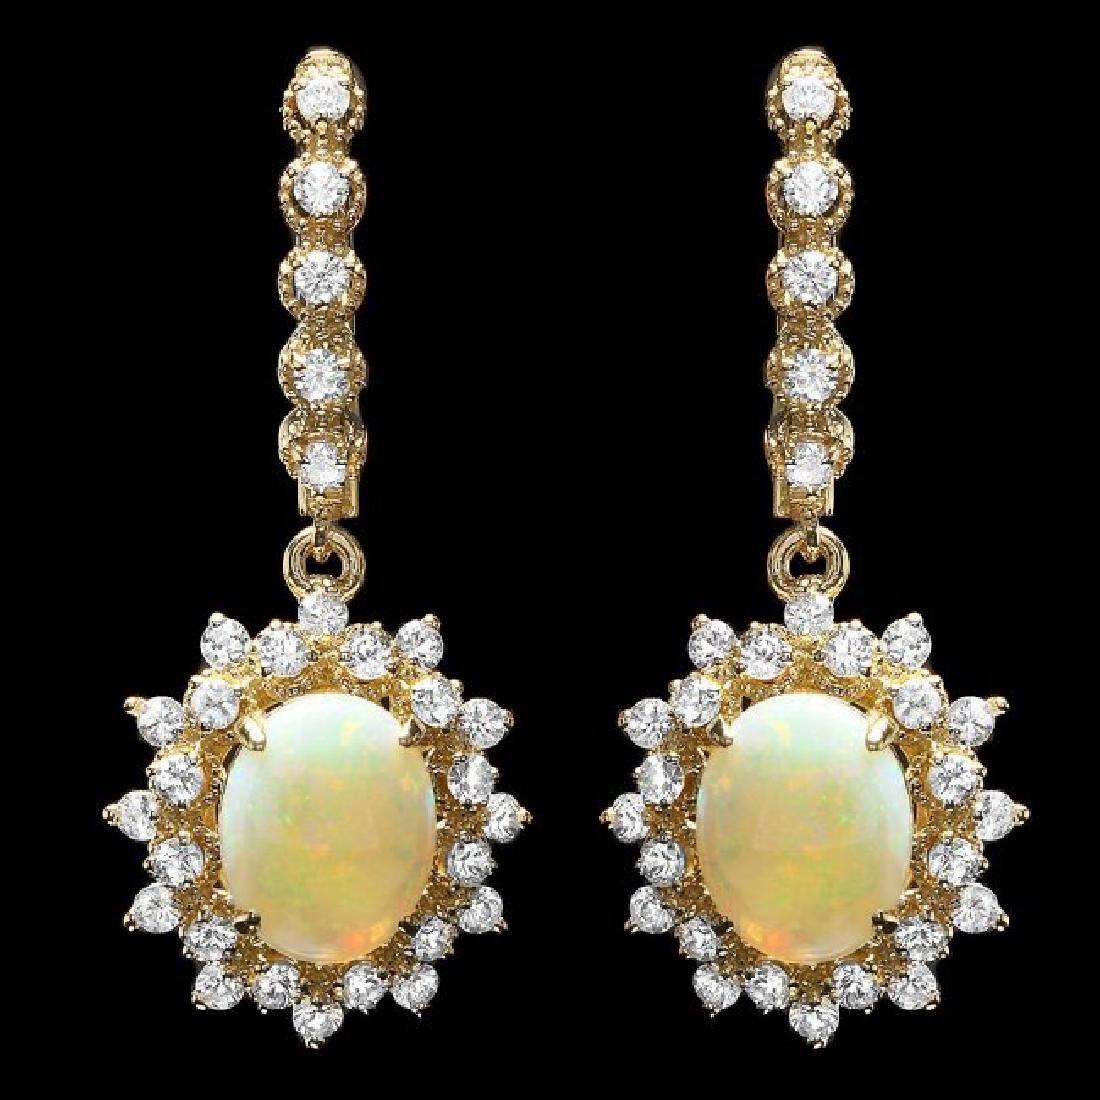 14k Gold 2.50ct Opal 1.85ct Diamond Earrings